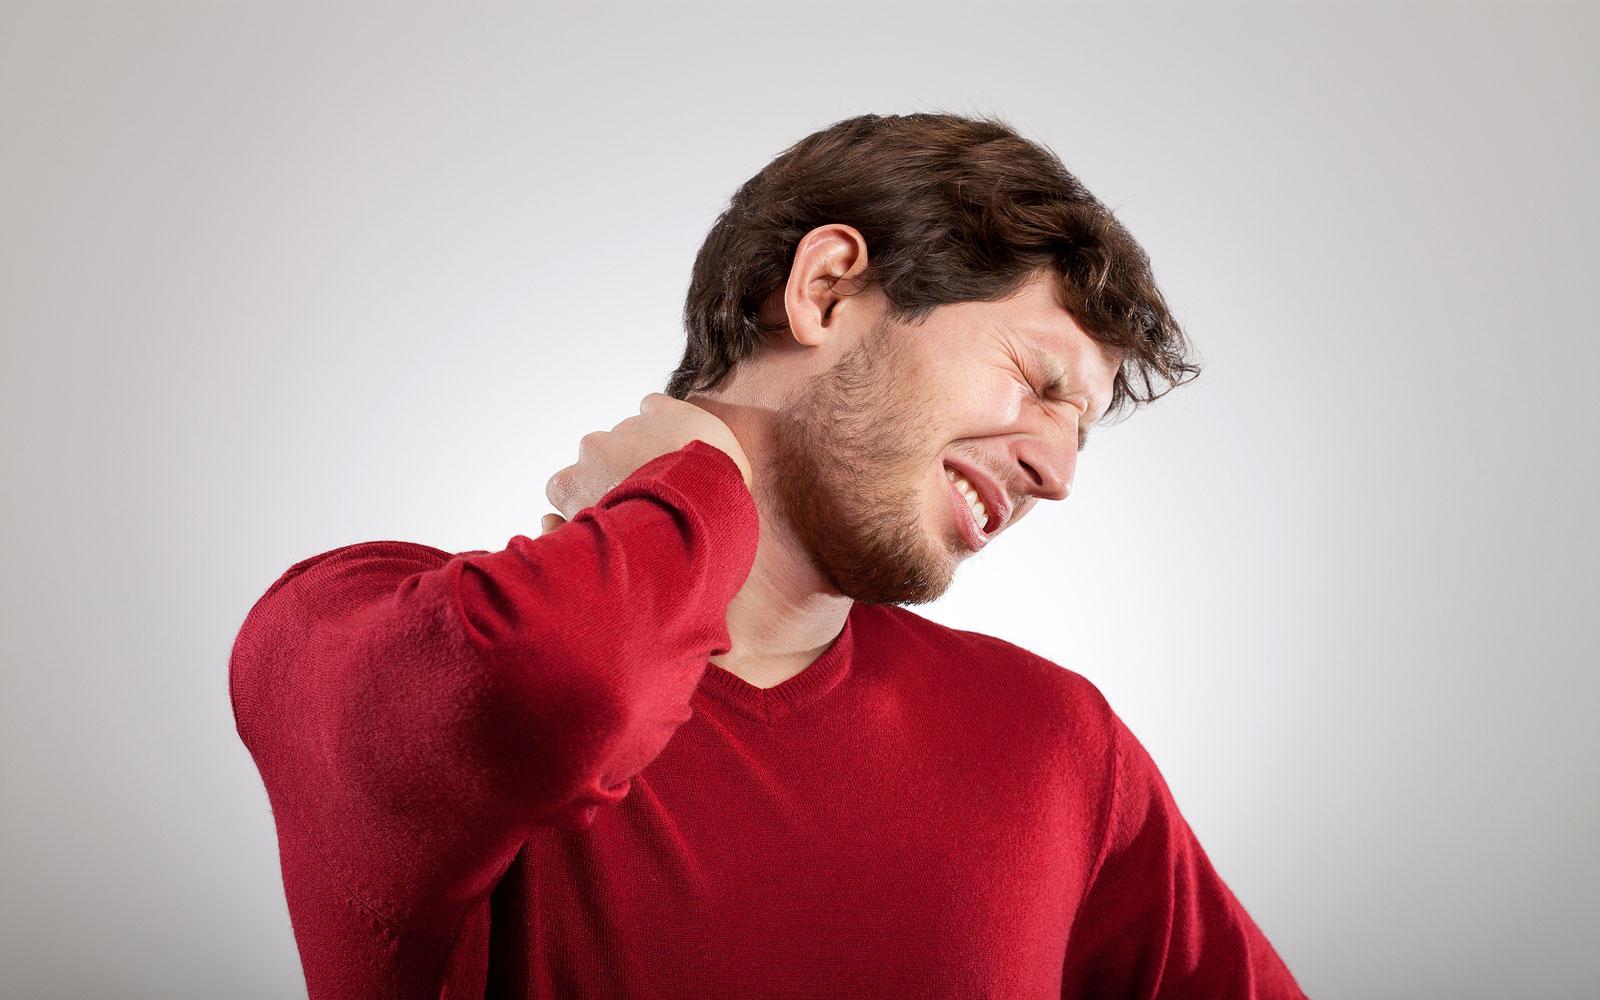 Протрузия дисков шейного отдела позвоночника: как вовремя выявить и быстро устранить?